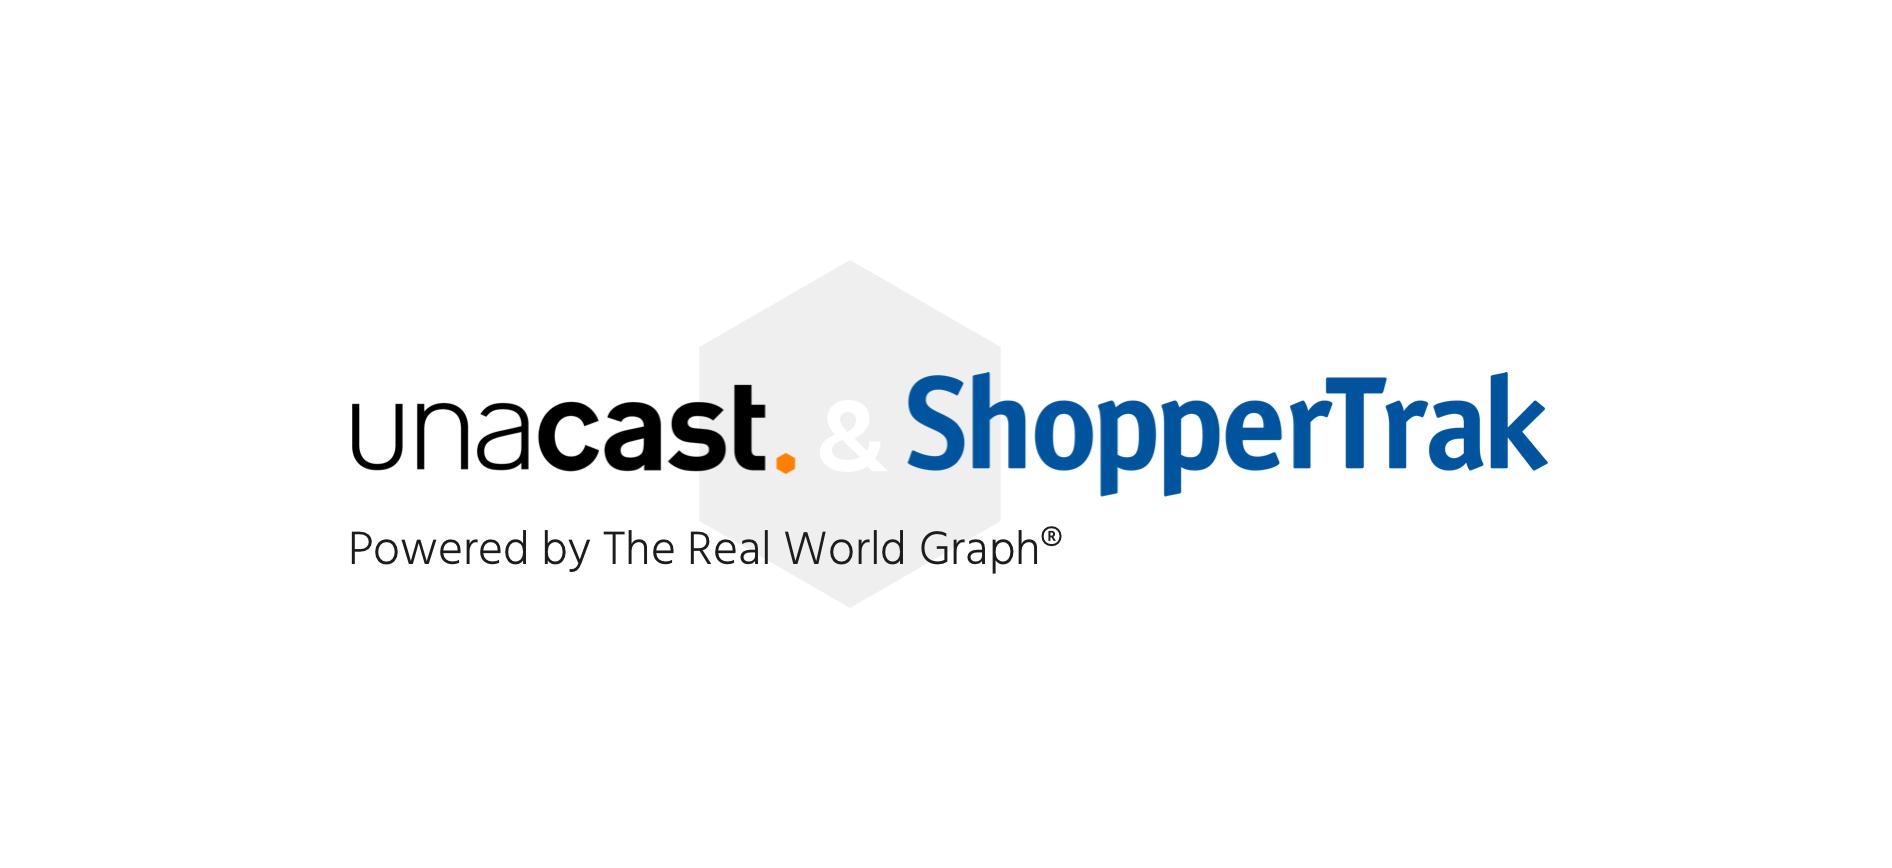 Unacast Announces Global Partnership with ShopperTrak